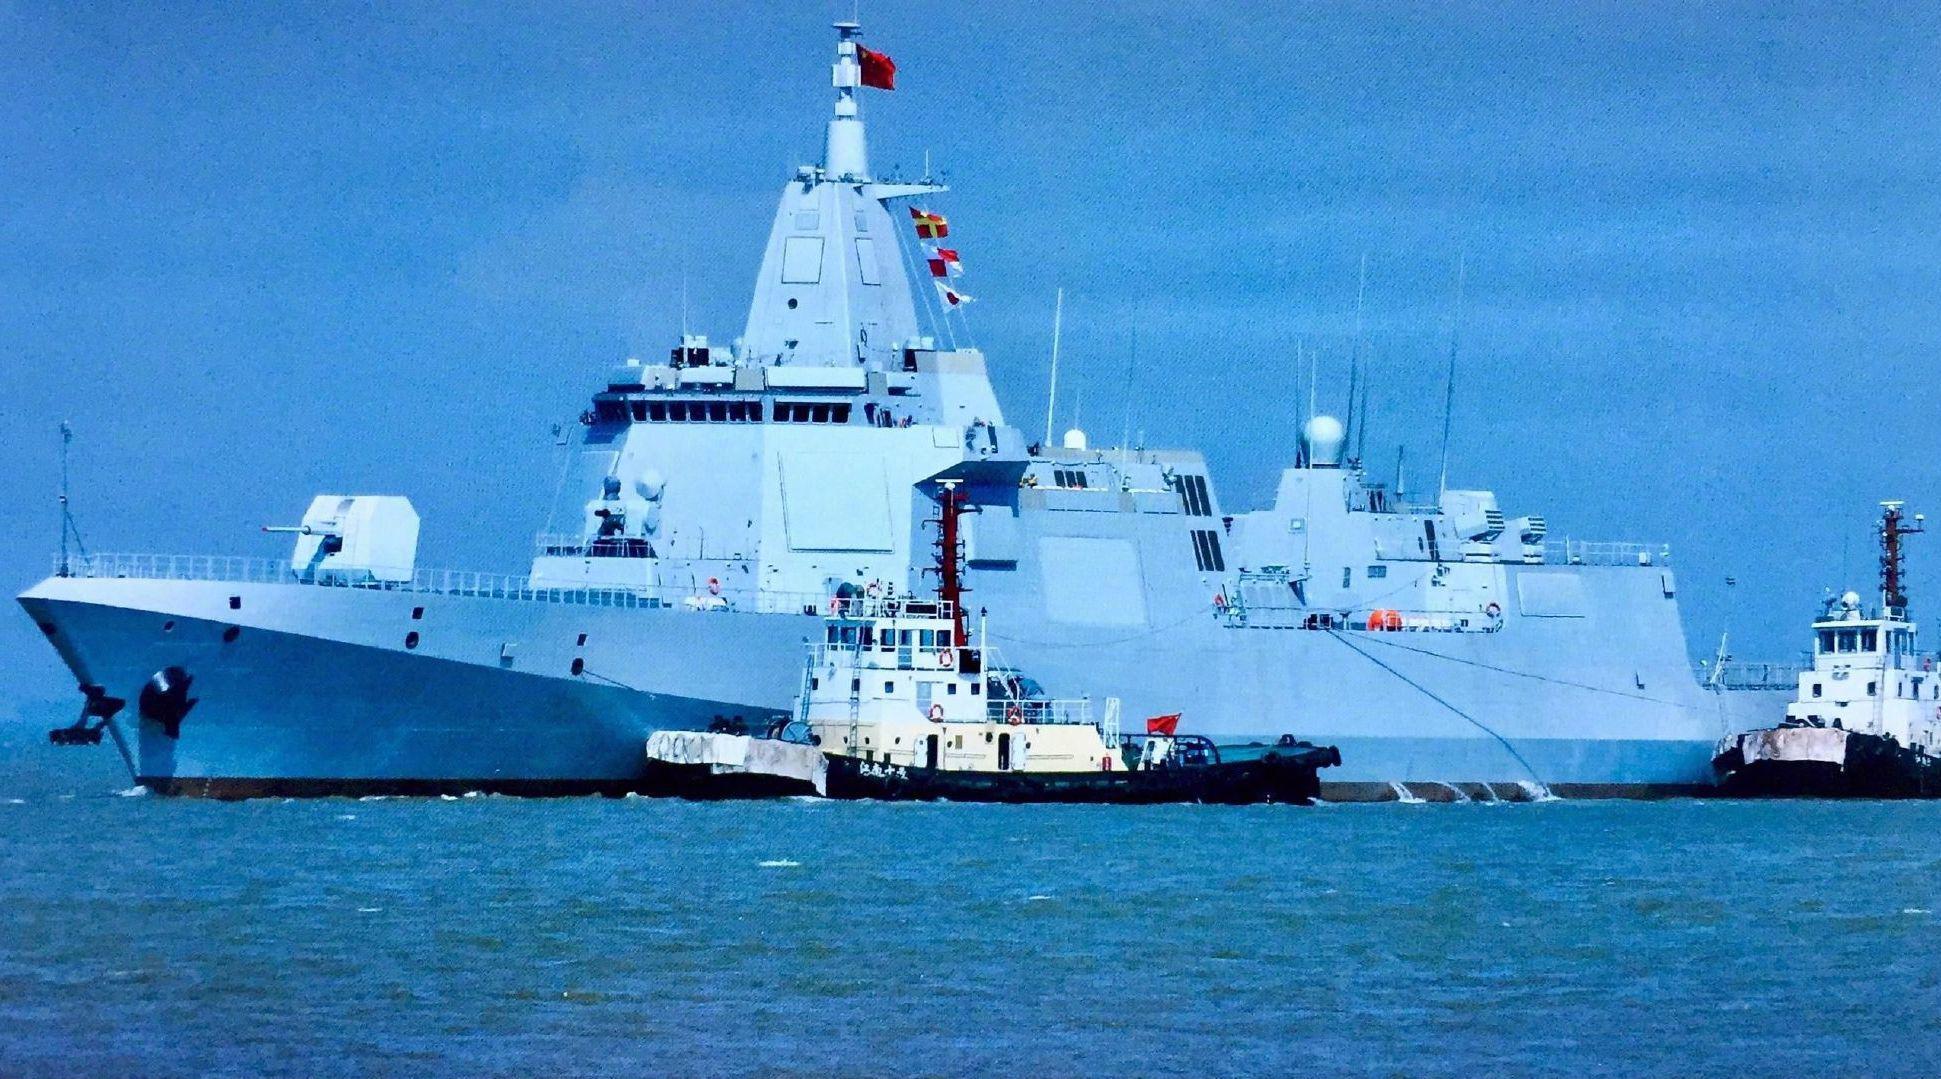 集大成者,055为何是中国海军走向远洋标准?500公里